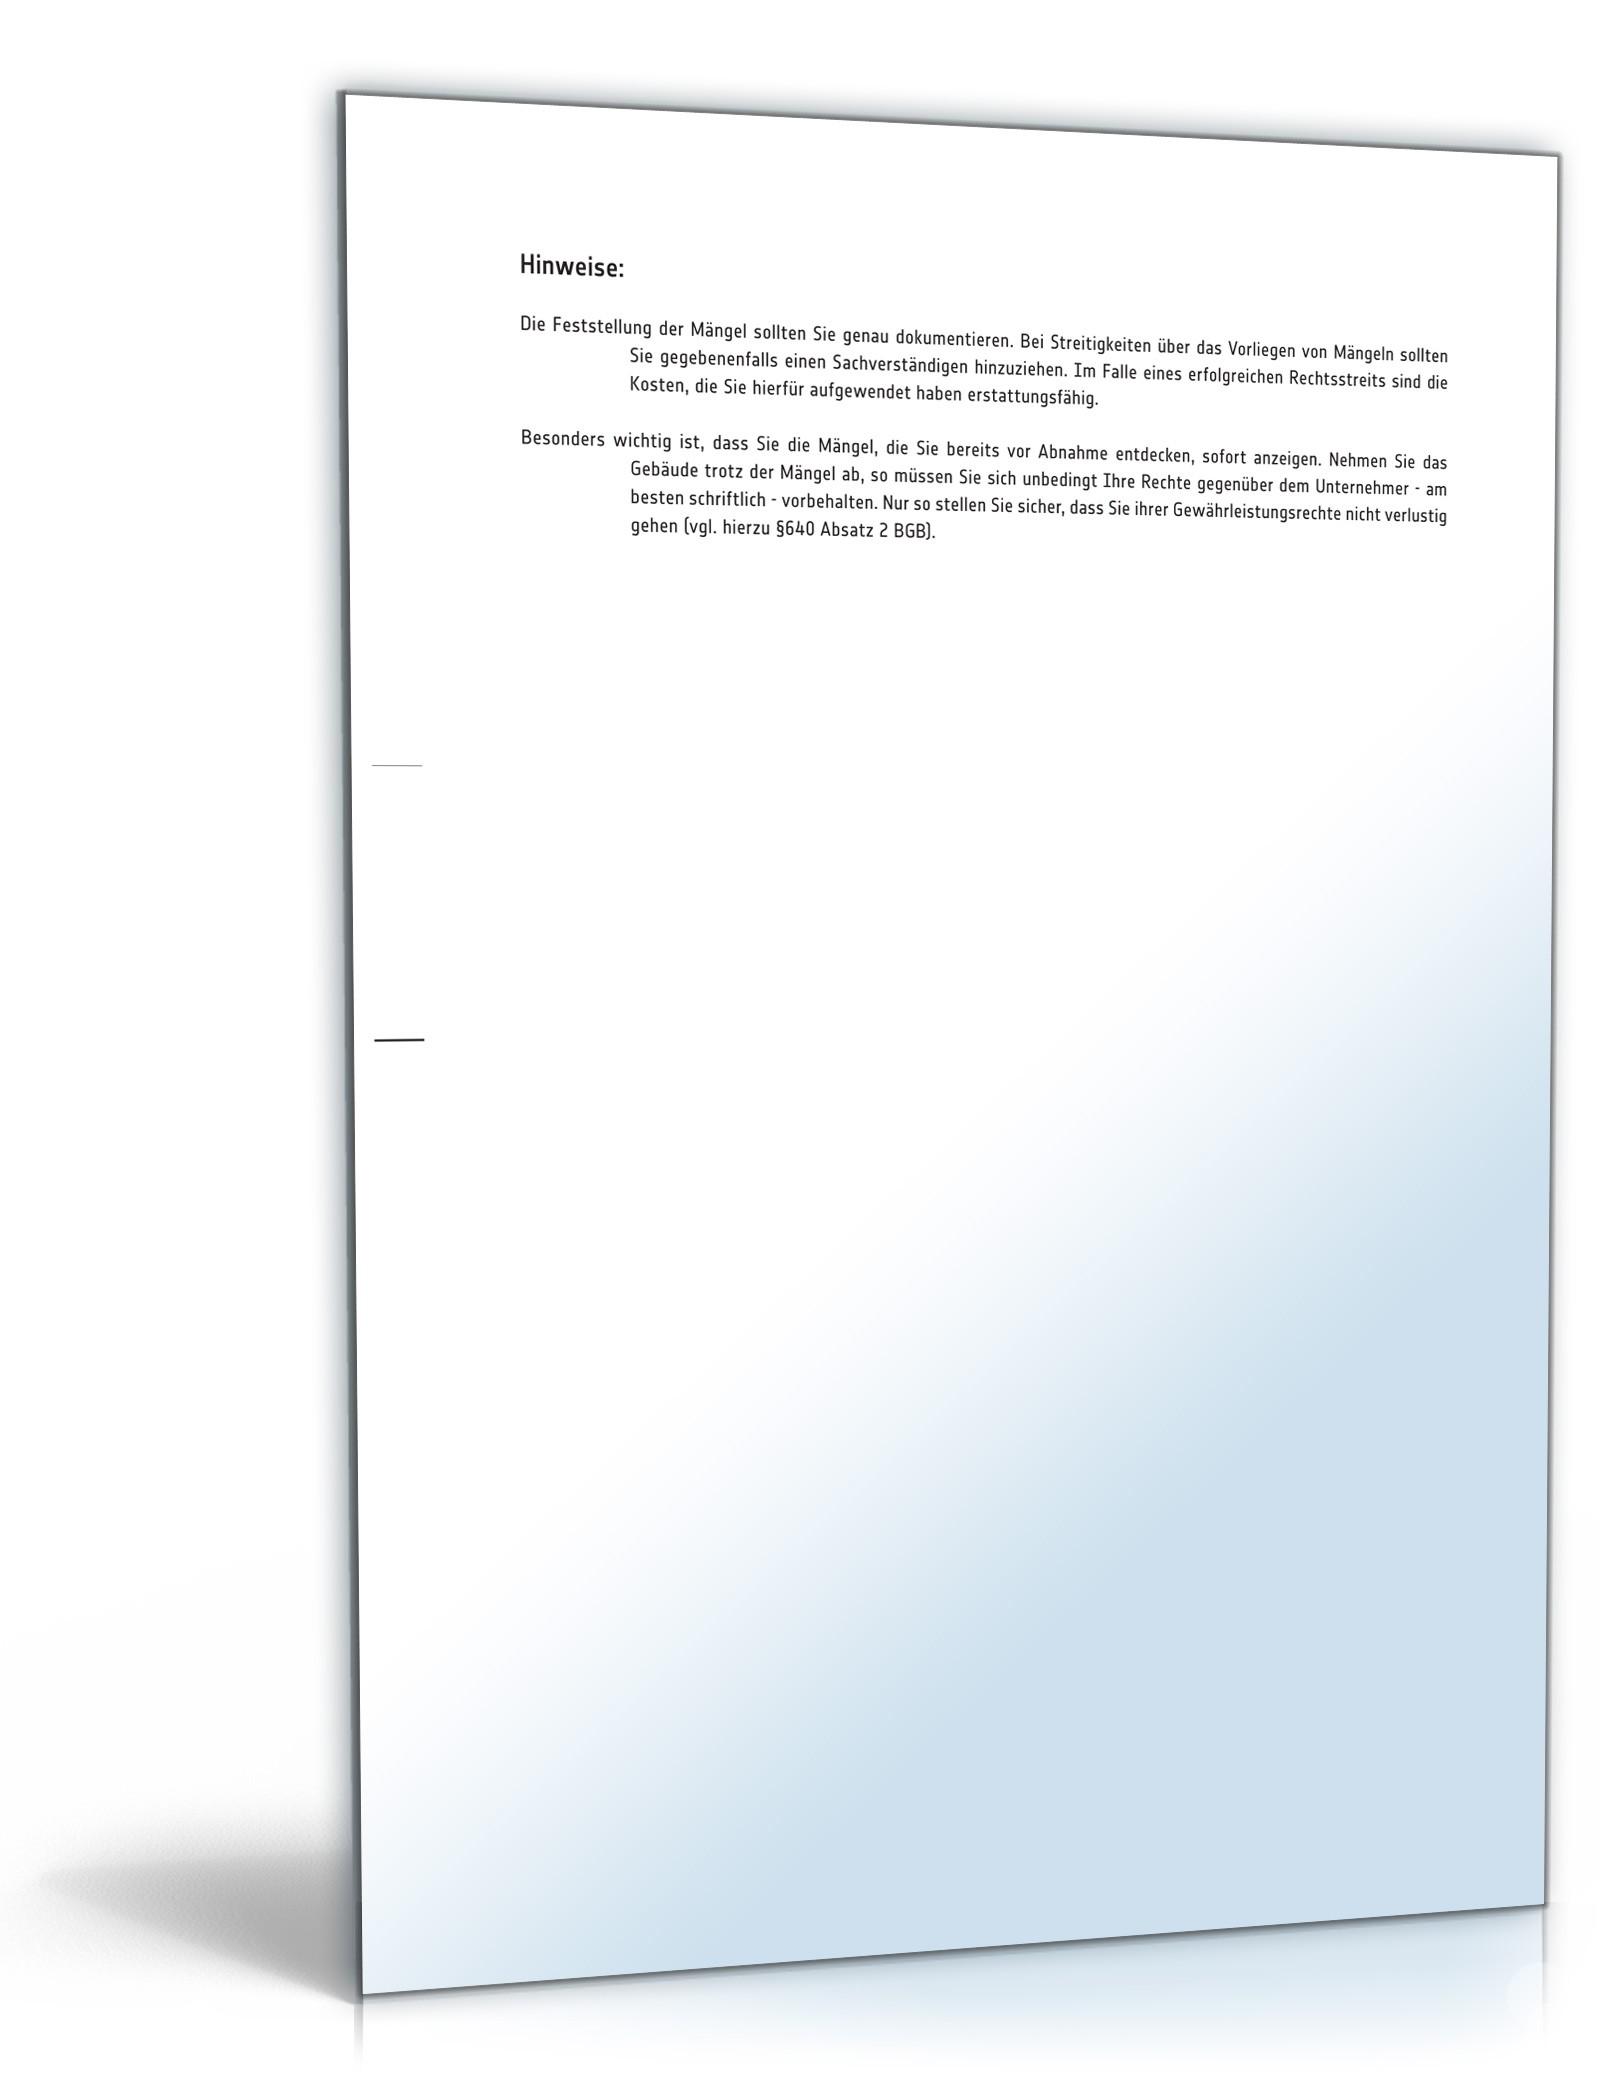 Mängelanzeige Gegenüber Bauunternehmer Muster Vorlage Zum Download